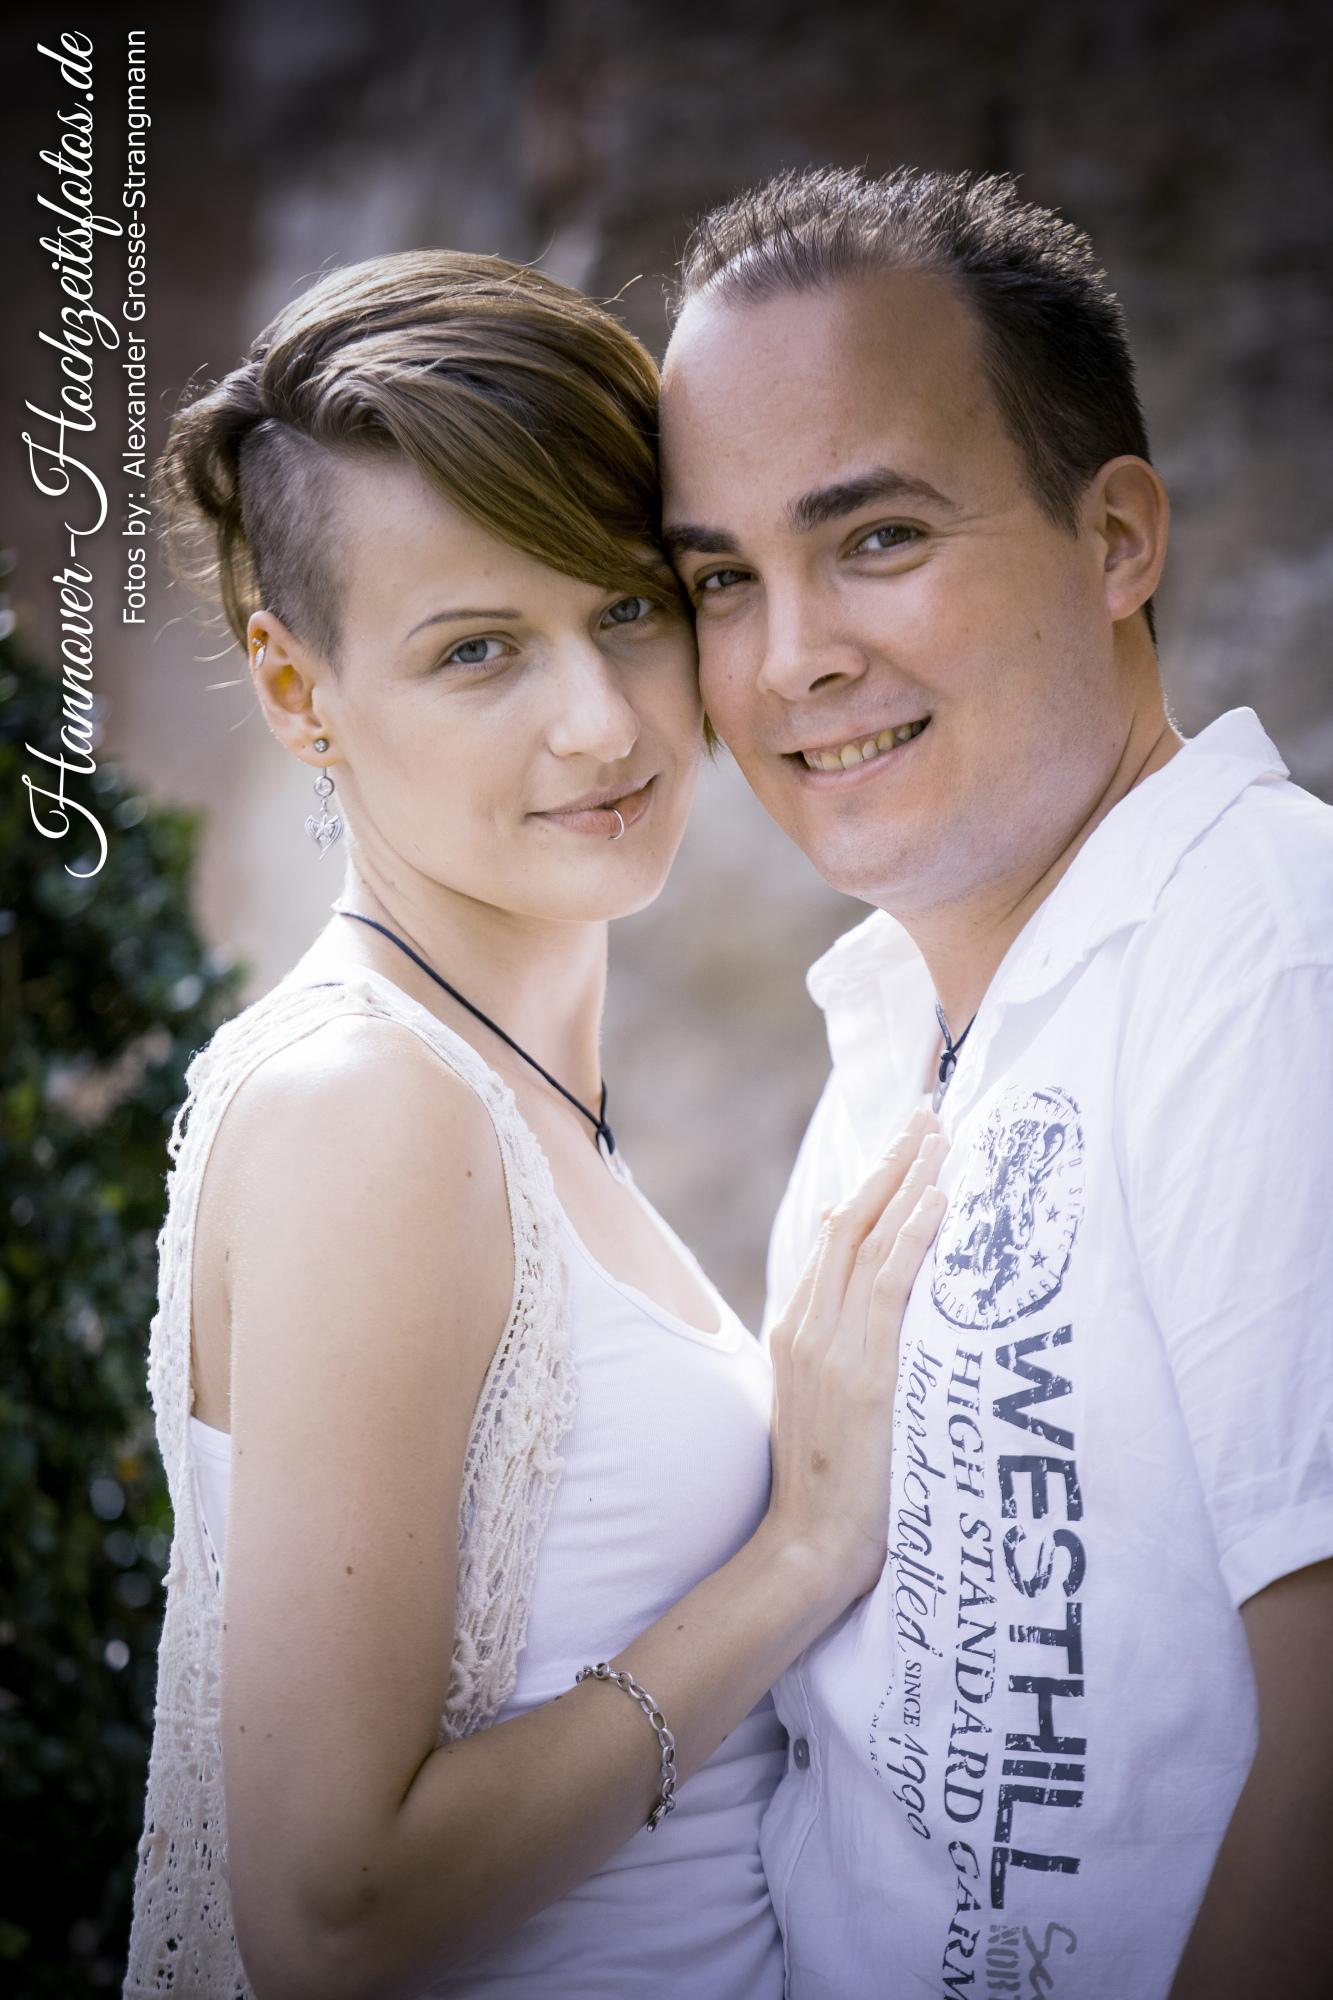 Hochzeitsfotos-Hannover-Paar-015